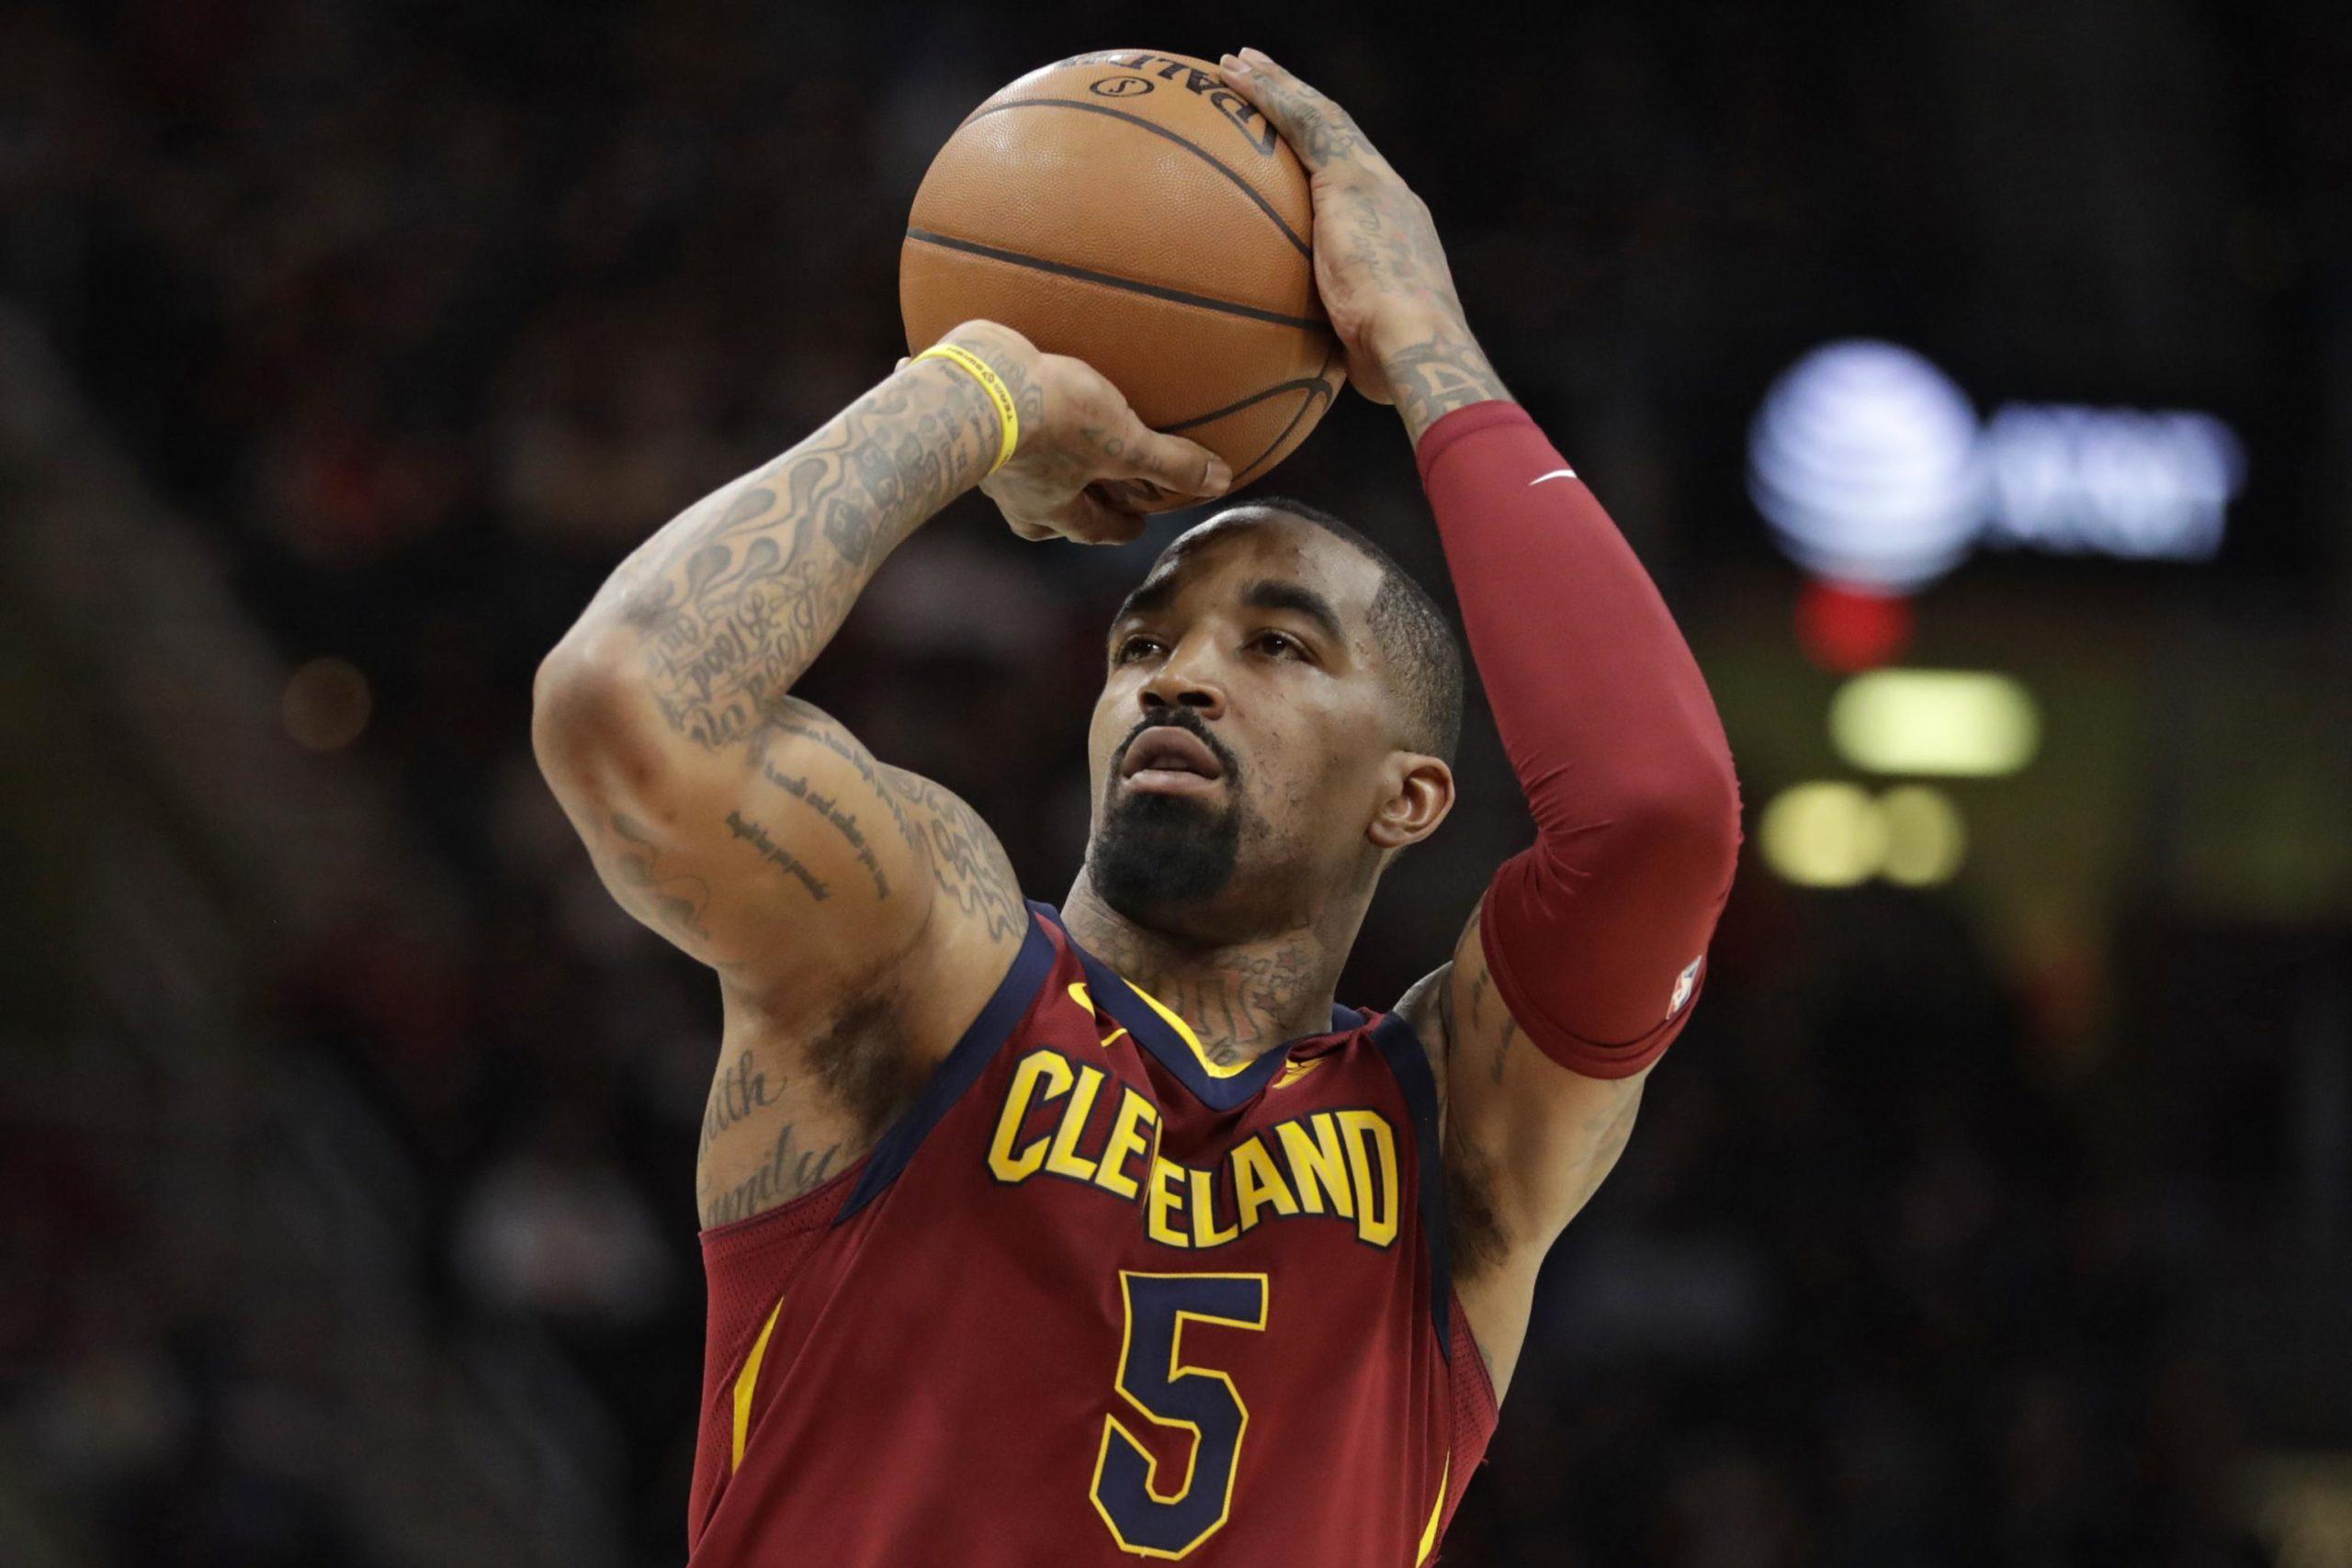 J. R. Smith playing basketball